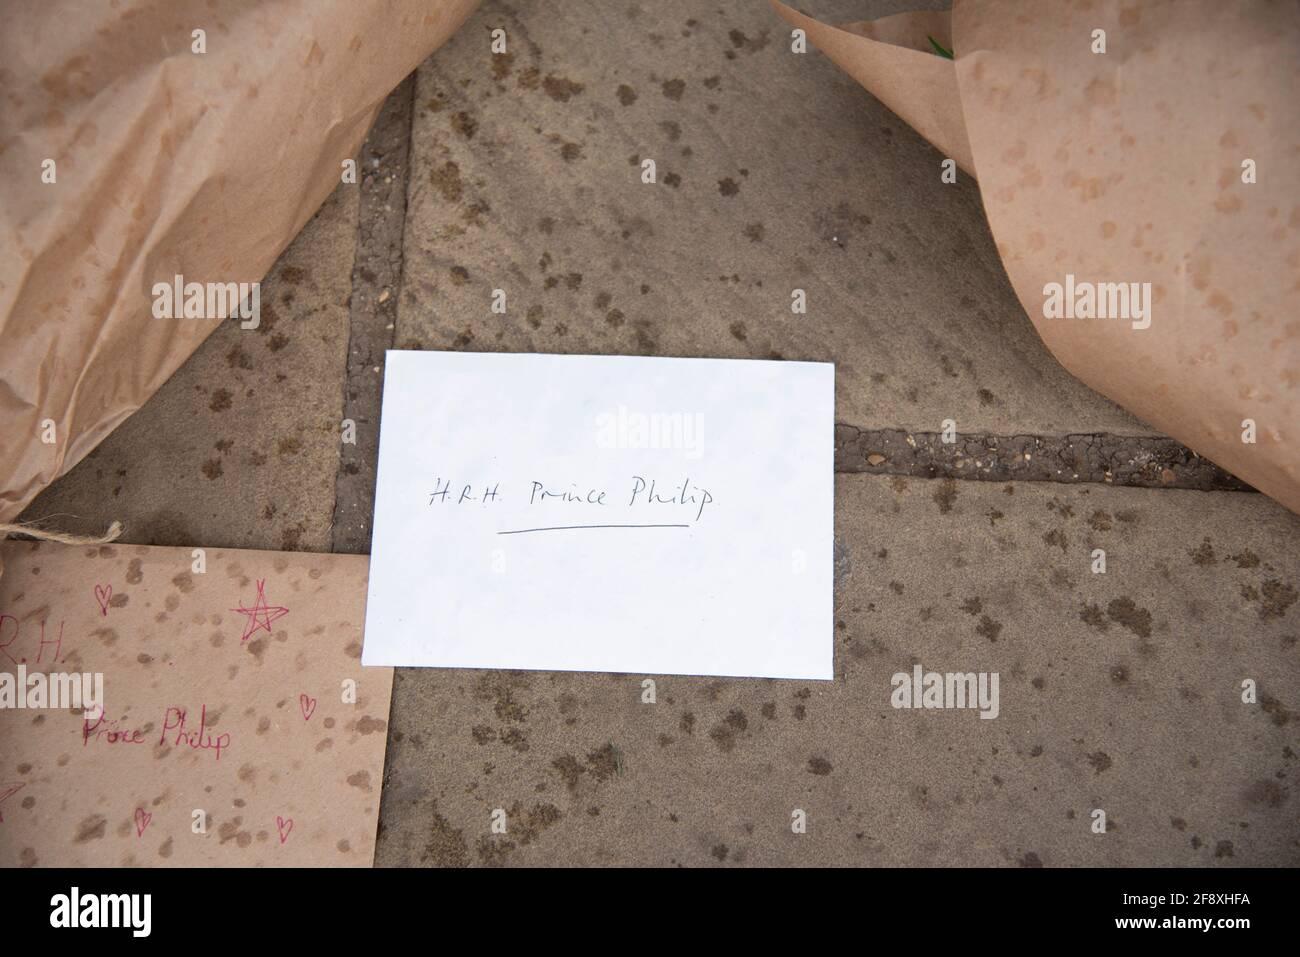 Londres, Royaume-Uni. 15 avril 2021. Les adeptes de la bonne tenue quittent les hommages devant Buckingham Palace pour le HRH Prince Phillip à Londres, au Royaume-Uni, le 15 avril 2021. Les funérailles royales de cérémonie du prince Philip, duc d'Édimbourg auront lieu le 17 avril au château de Windsor.(photo de Claire Doherty/Sipa USA) crédit : SIPA US/Alay Live News Banque D'Images